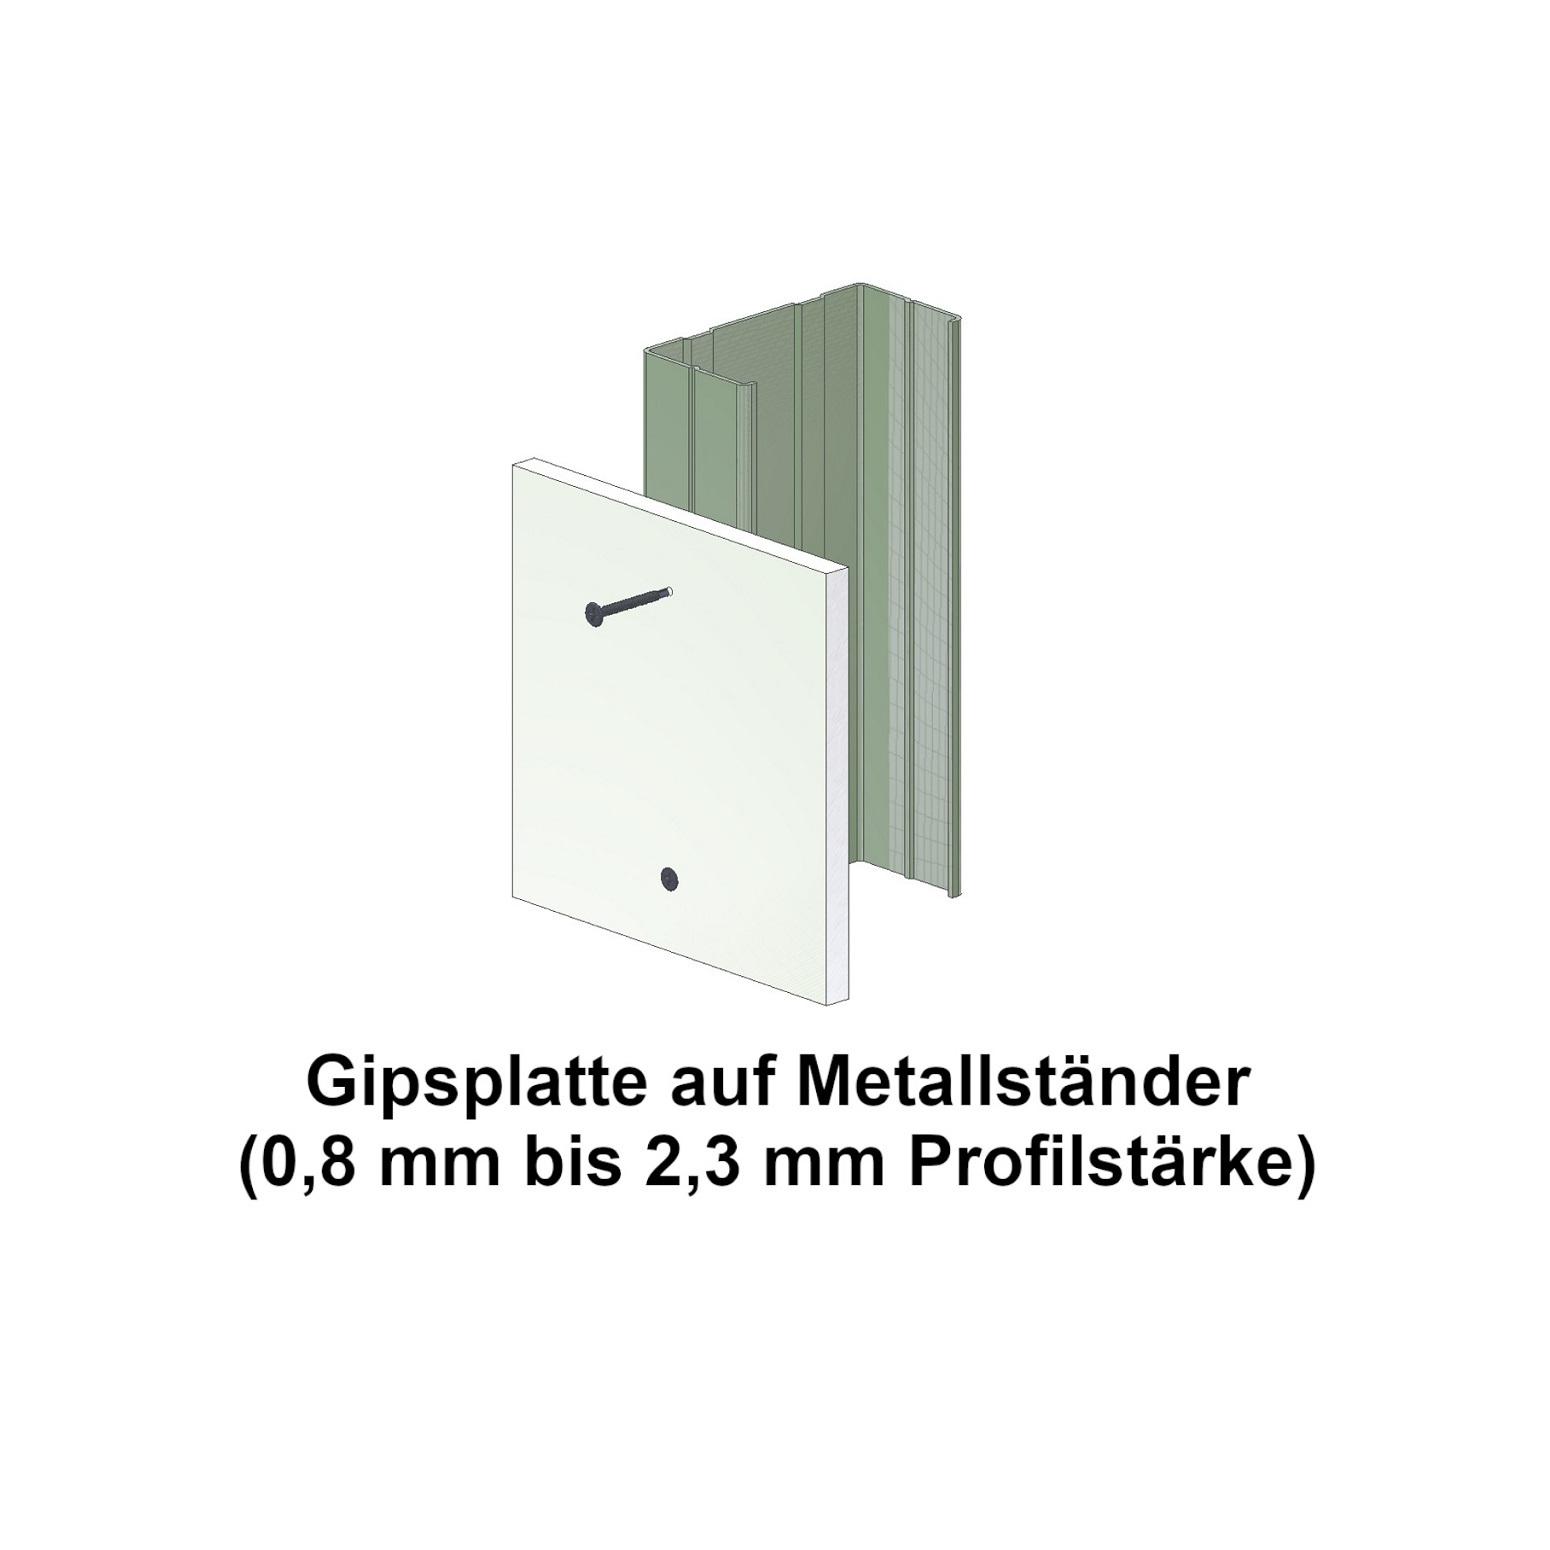 Schnellbauschrauben | phosphatiert | Bohrspitze | 3,5x25 | 1.000 Stk